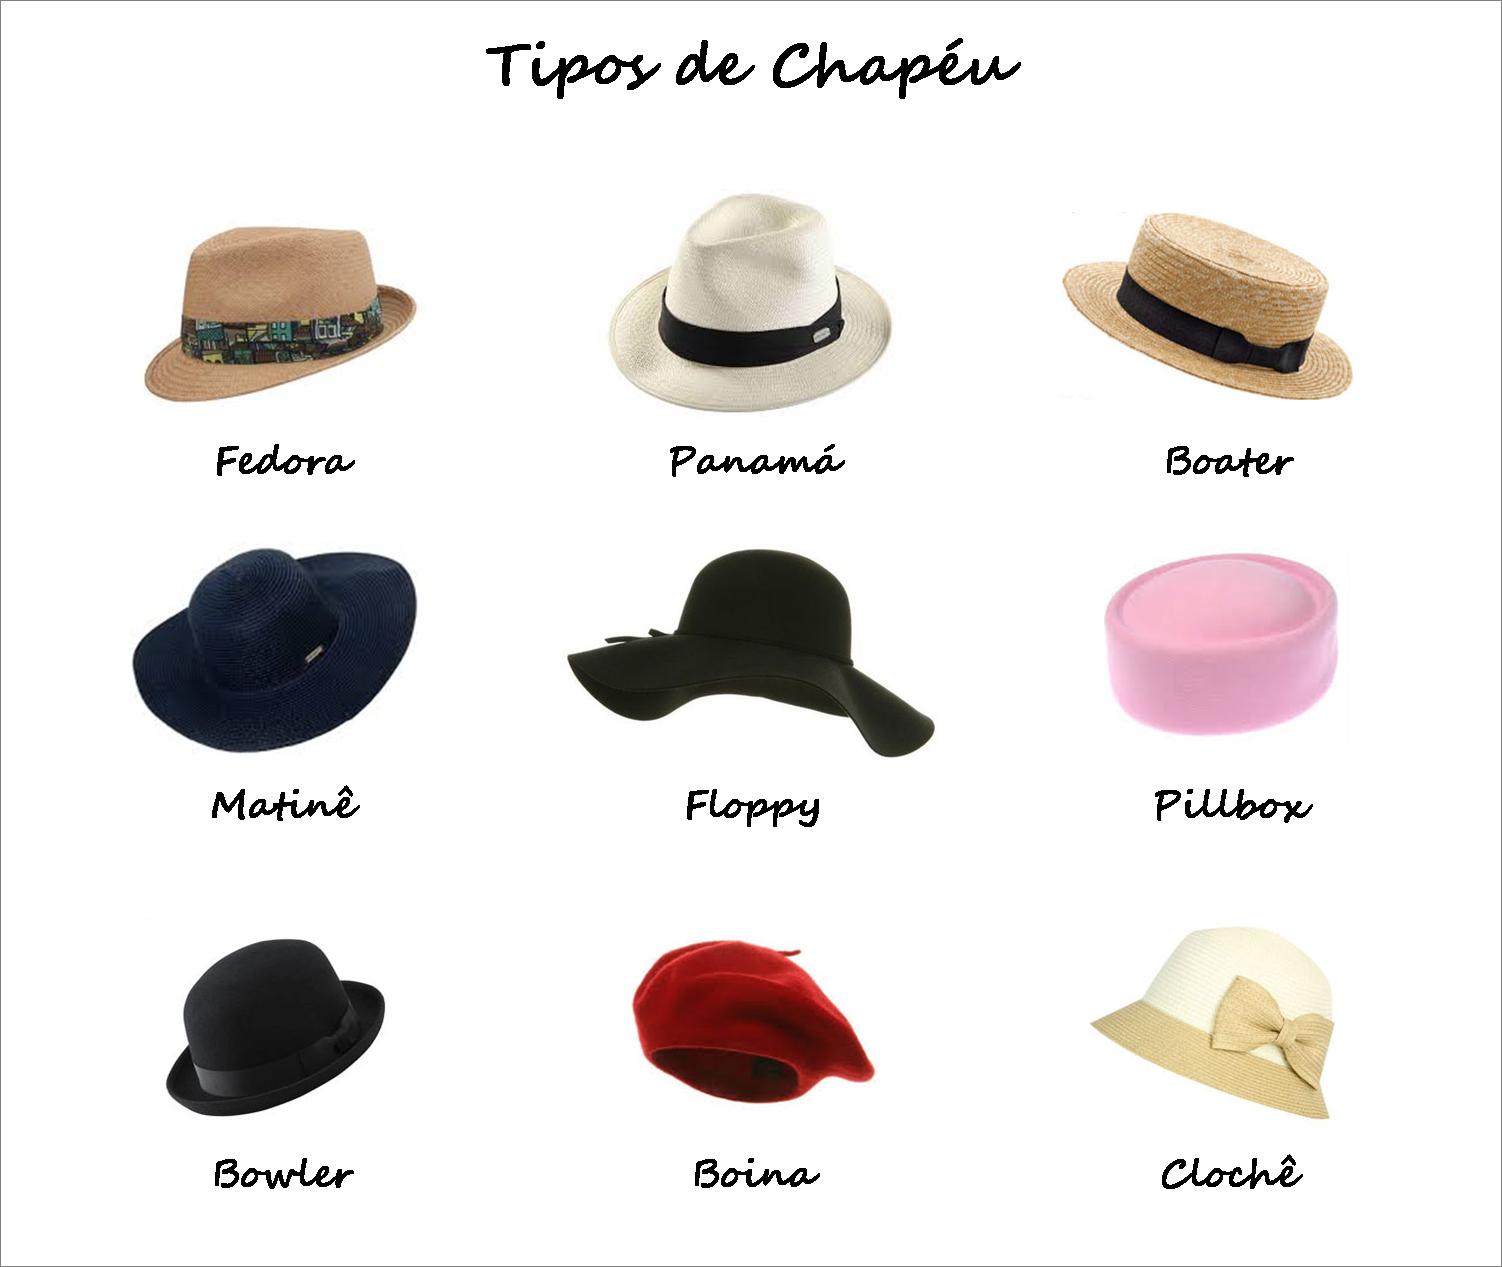 Tipos de Chapéu #types #hat | in my head | Pinterest ...